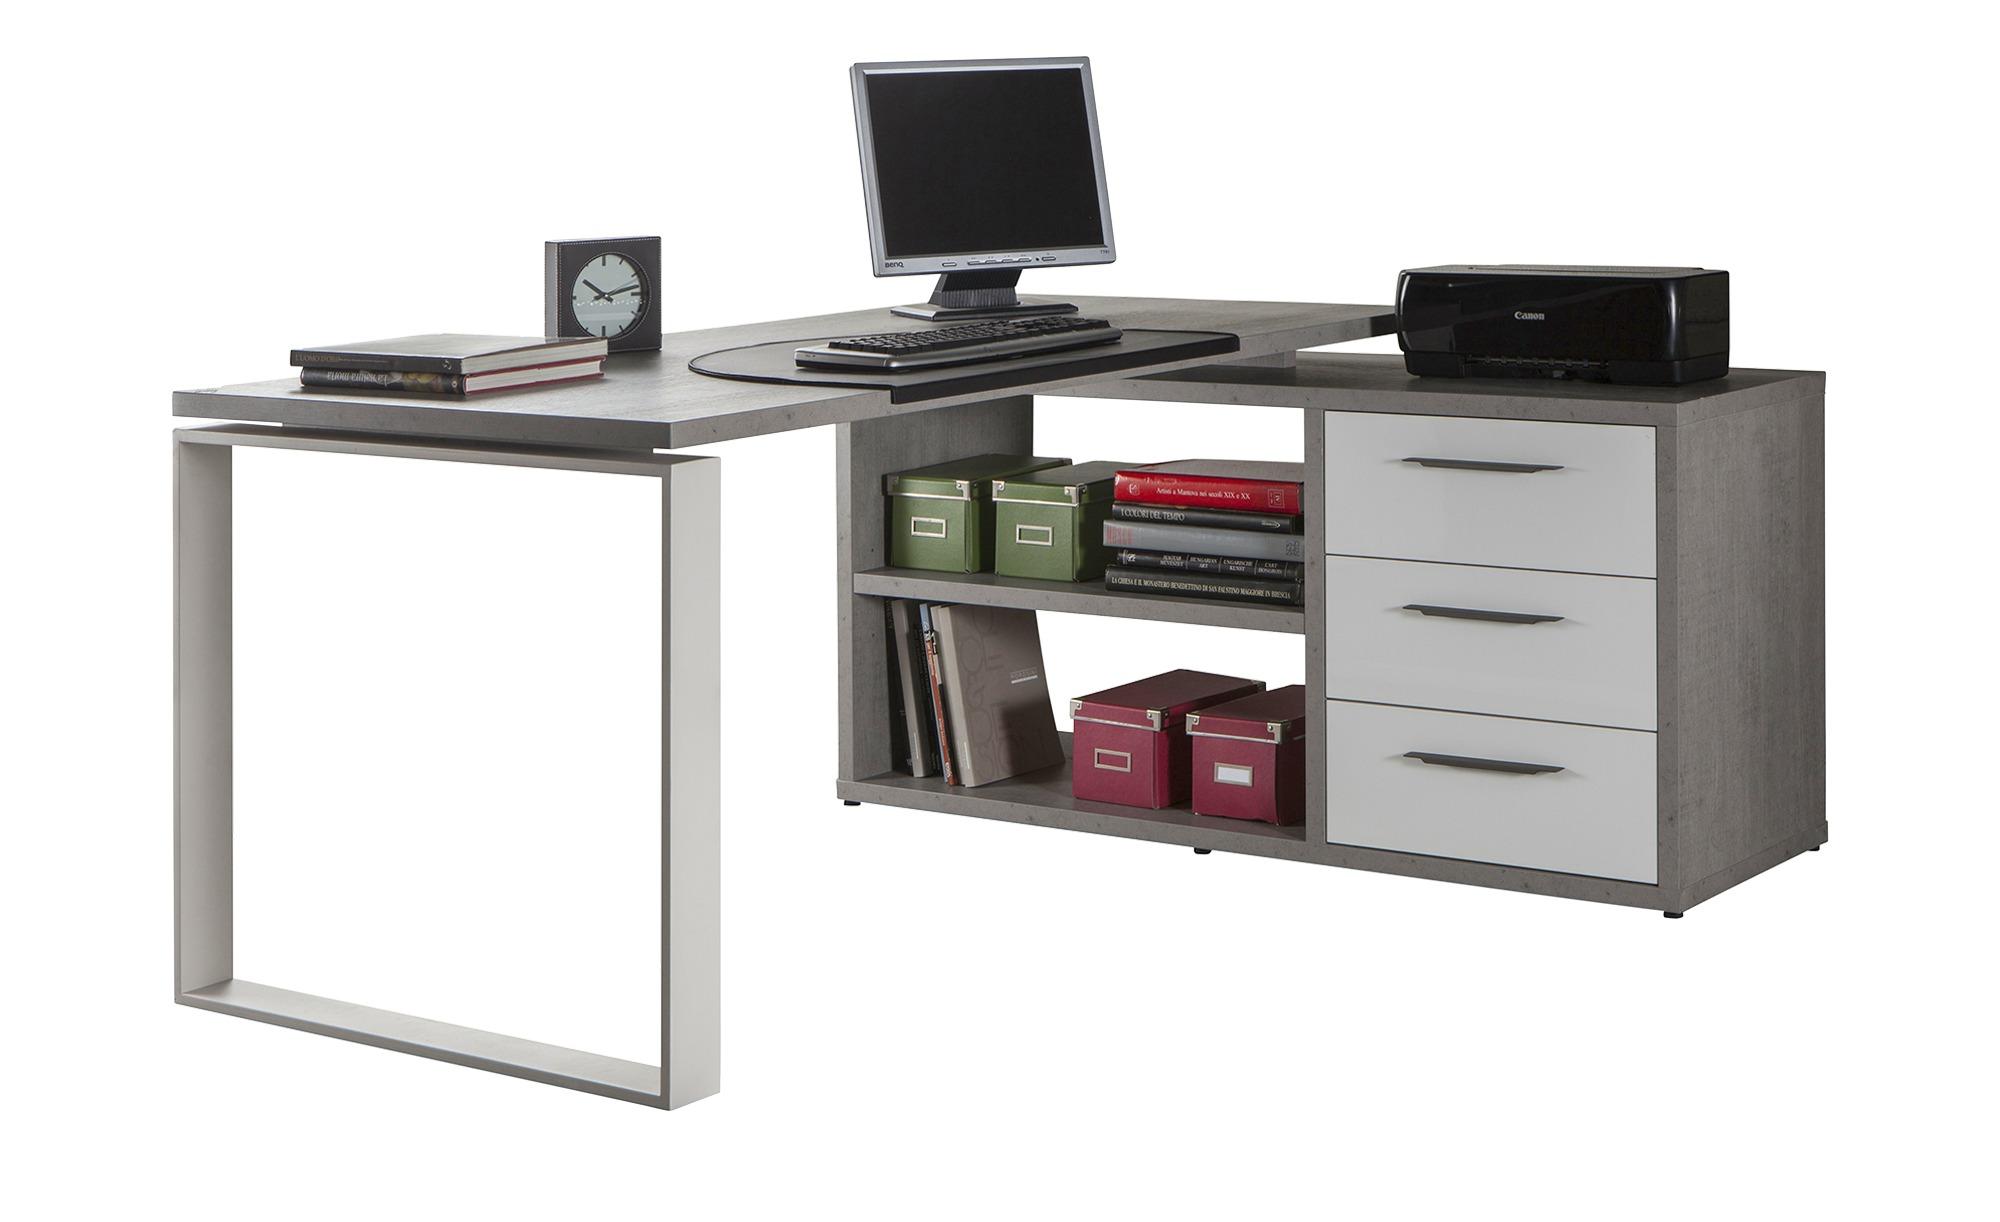 Eckschreibtisch Donau Gefunden Bei Mobel Hoffner Eckschreibtisch Schreibtisch Dekor Schreibtisch